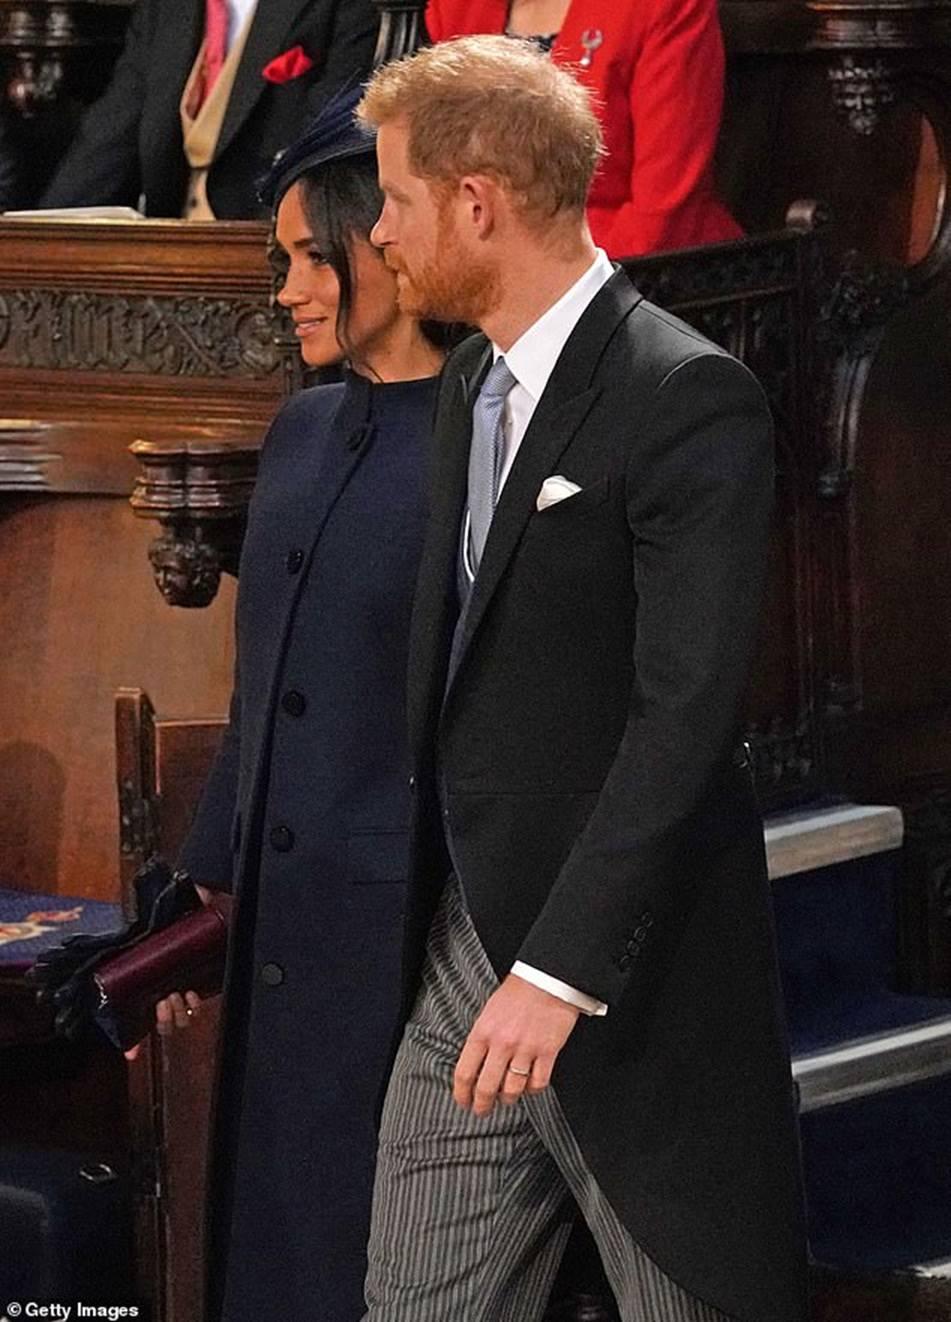 Công nương Kate Middleton và Meghan Markle mặc đồ đối lập trong đám cưới Công chúa Eugenie-7